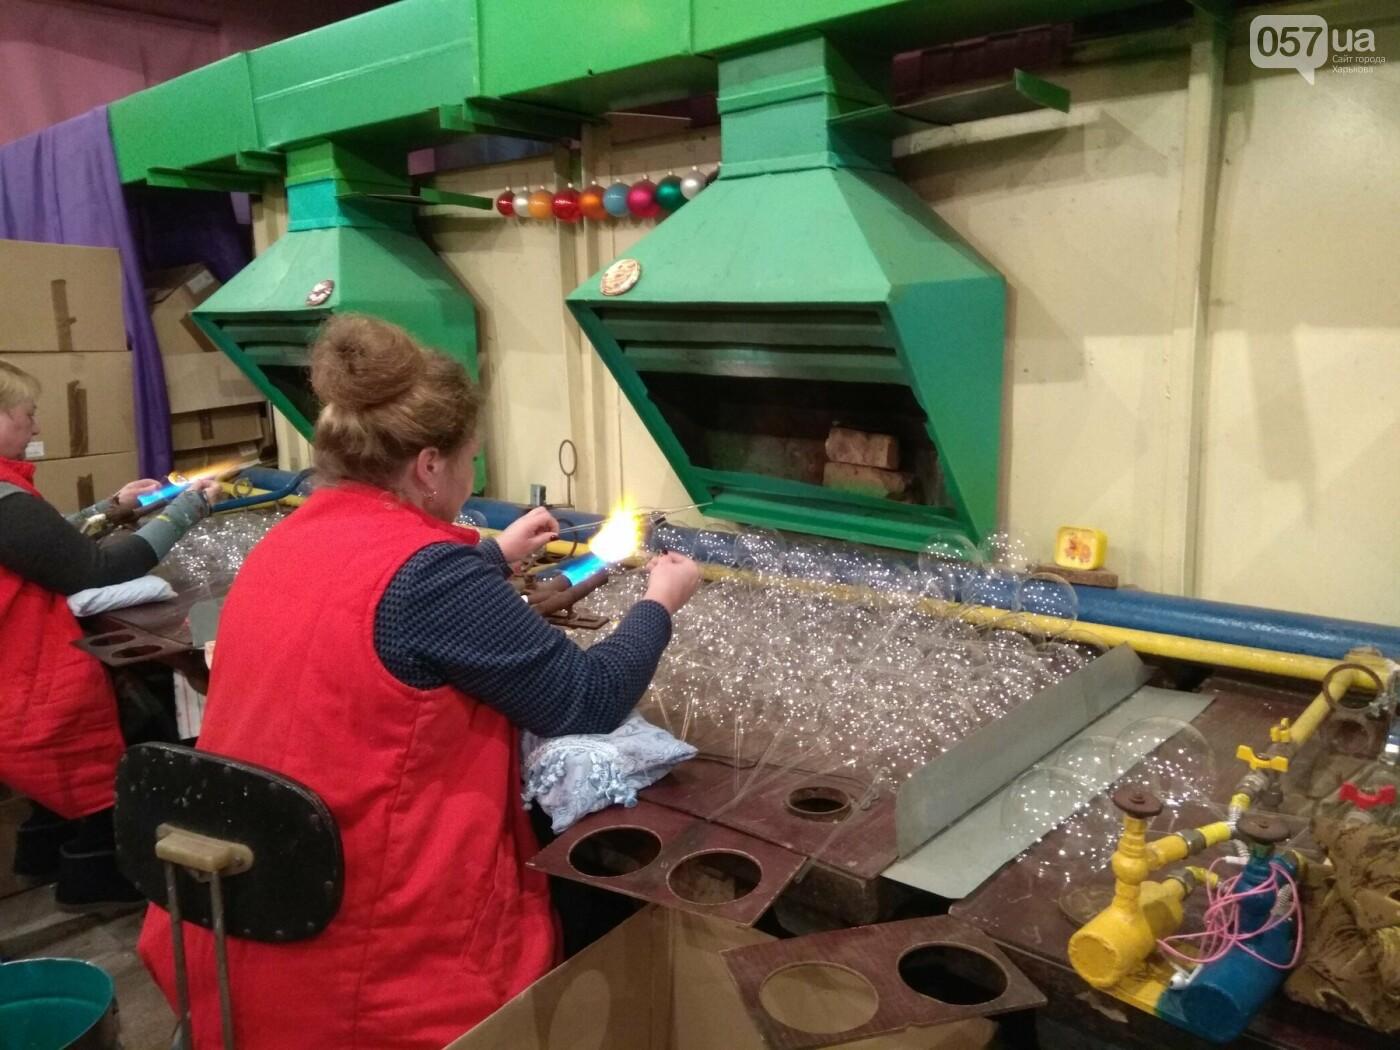 Фабрика елочных игрушек под Киевом. Куда харьковчане могут поехать на выходных, - ФОТО, фото-4